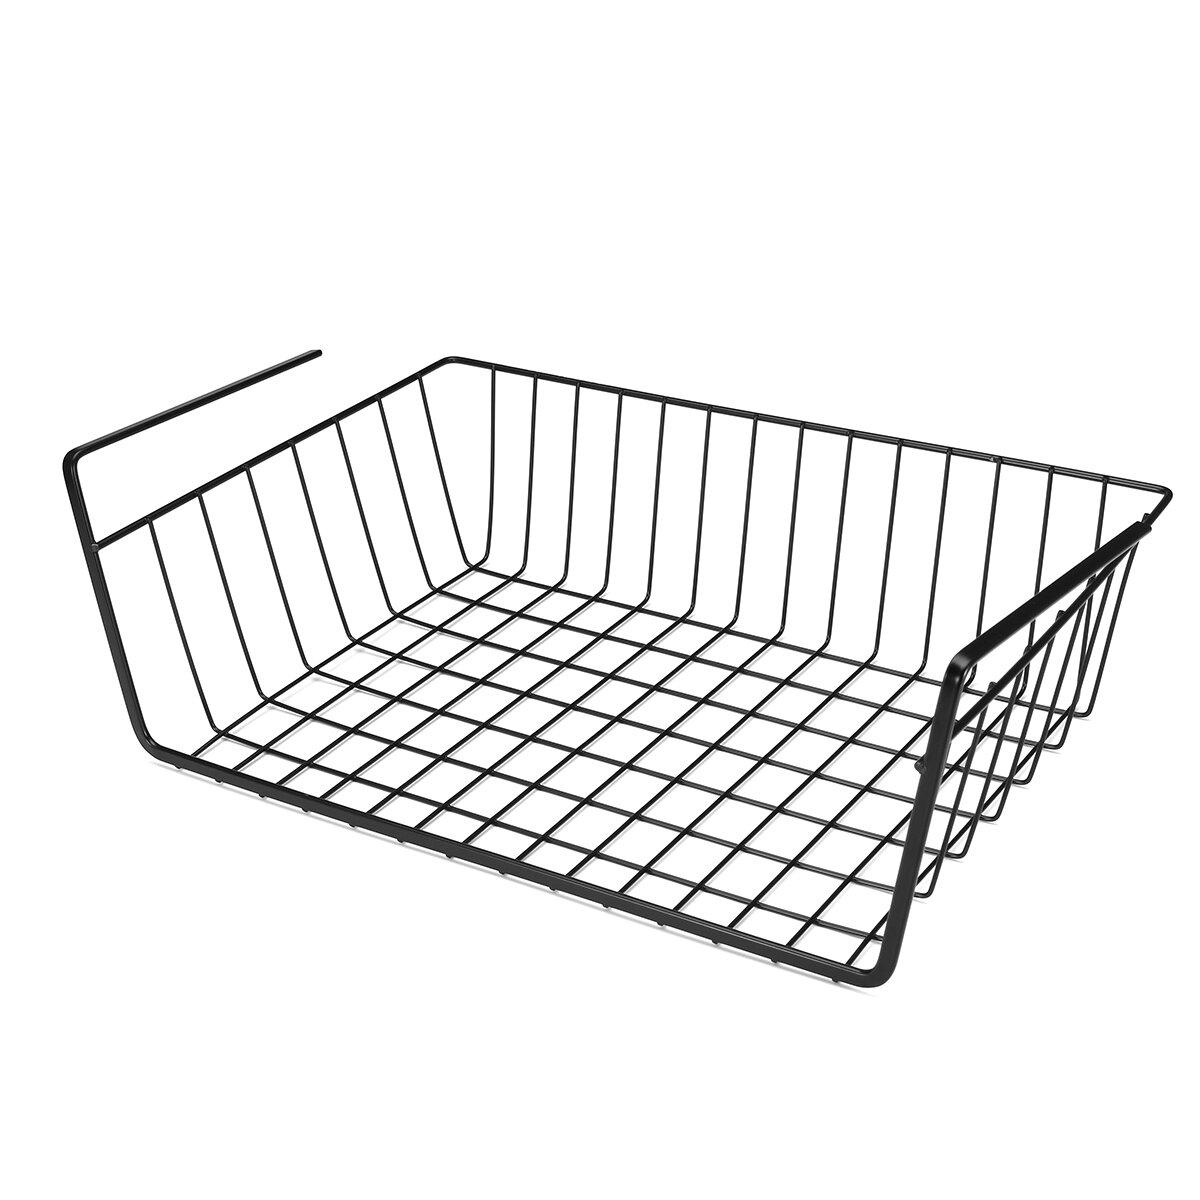 under hanging shelf wire storage baskets kitchen pantry